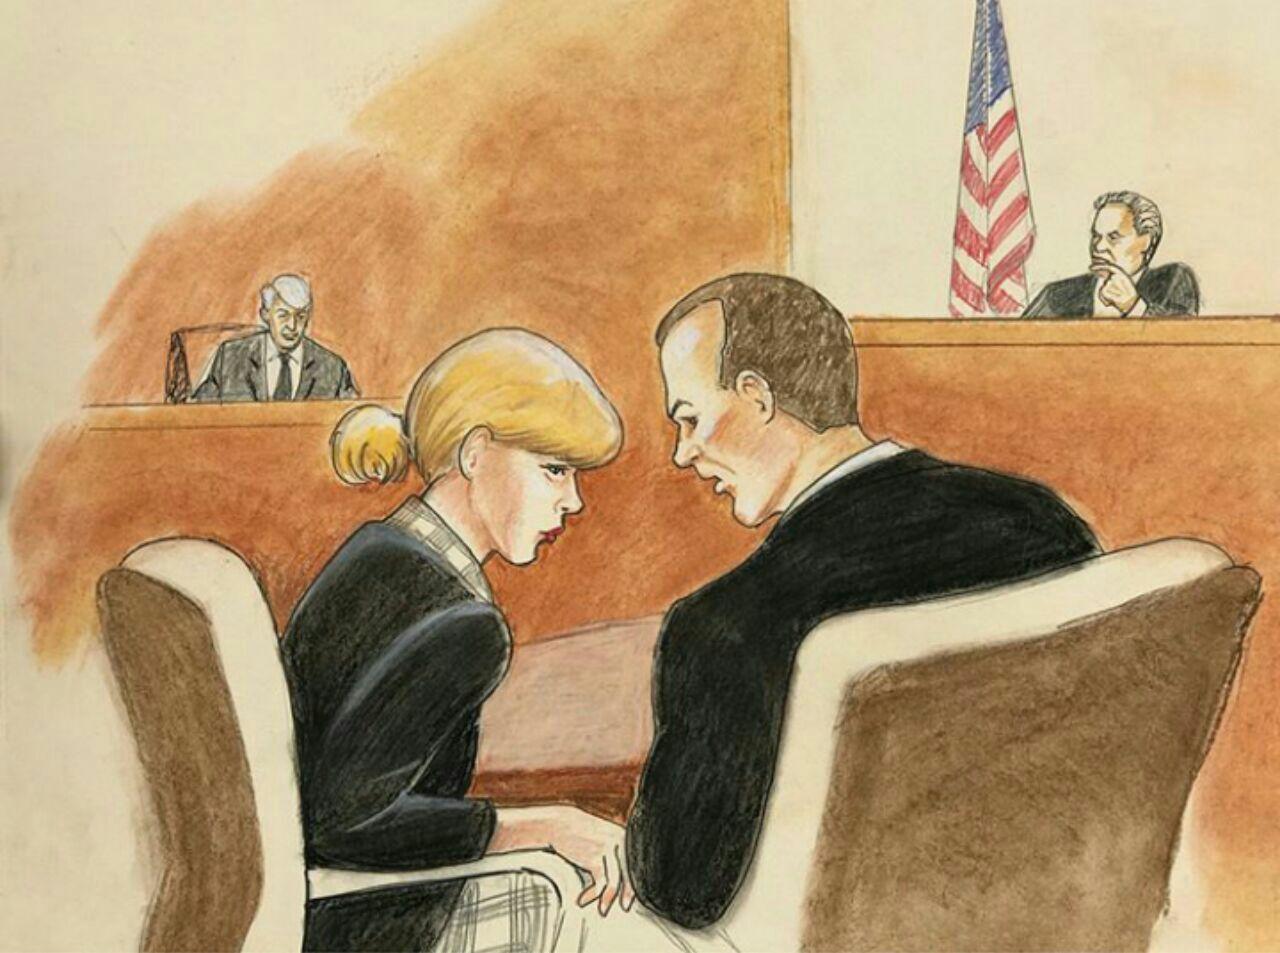 عکس فن ارت های منتشر شده از تیلورسویفت در روز دادگاه » تیلور سویفت   TaylorSwift.Pro عکس جدید